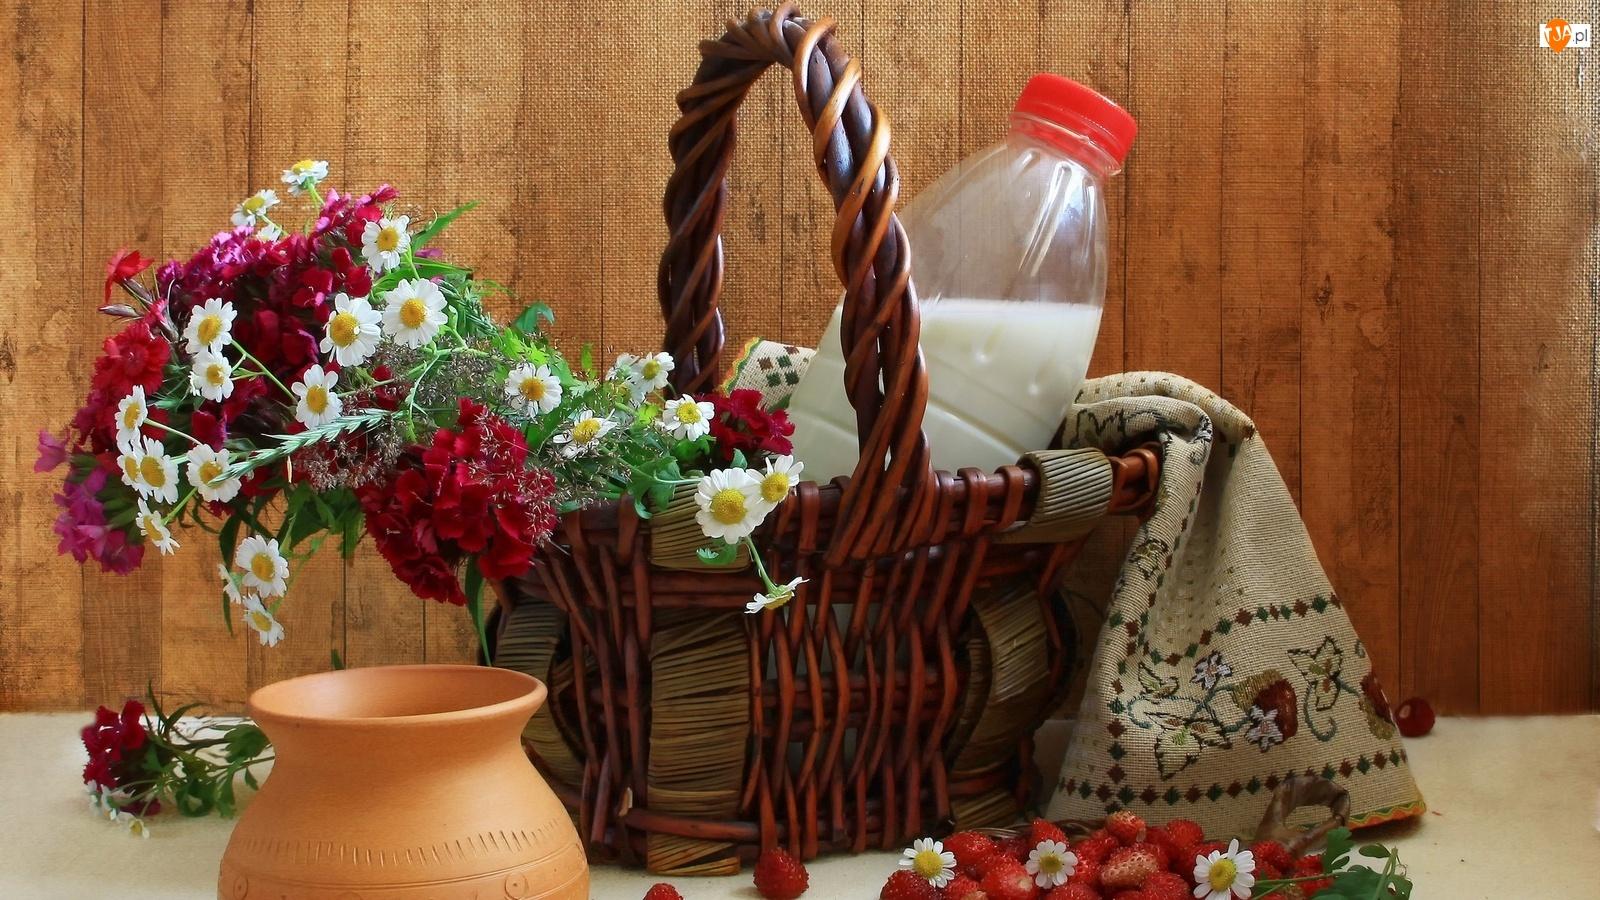 Mleko, Bukiet, Kosz, Kwiatów, Poziomki